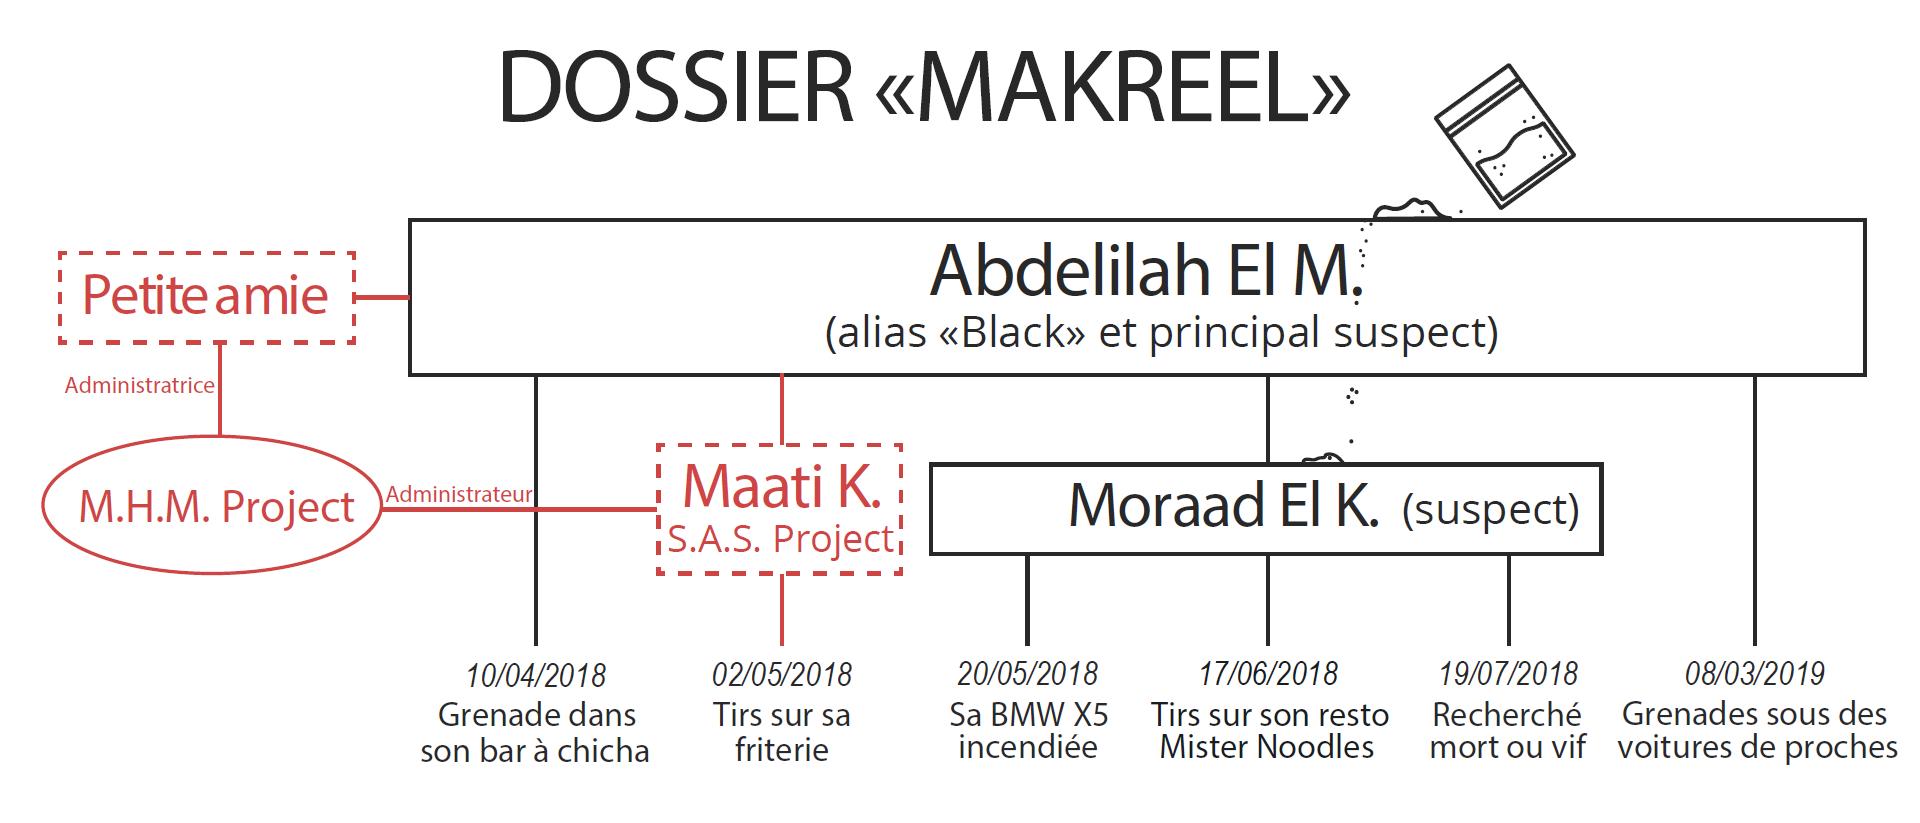 """Maati K. est un ami de """"Black"""", dont le lieutenant Moraad El K. aurait volé de la cocaïne à un gang rival. Cela expliquerait pourquoi la friterie de Maati K. a été mitraillée en mai 2018., ."""